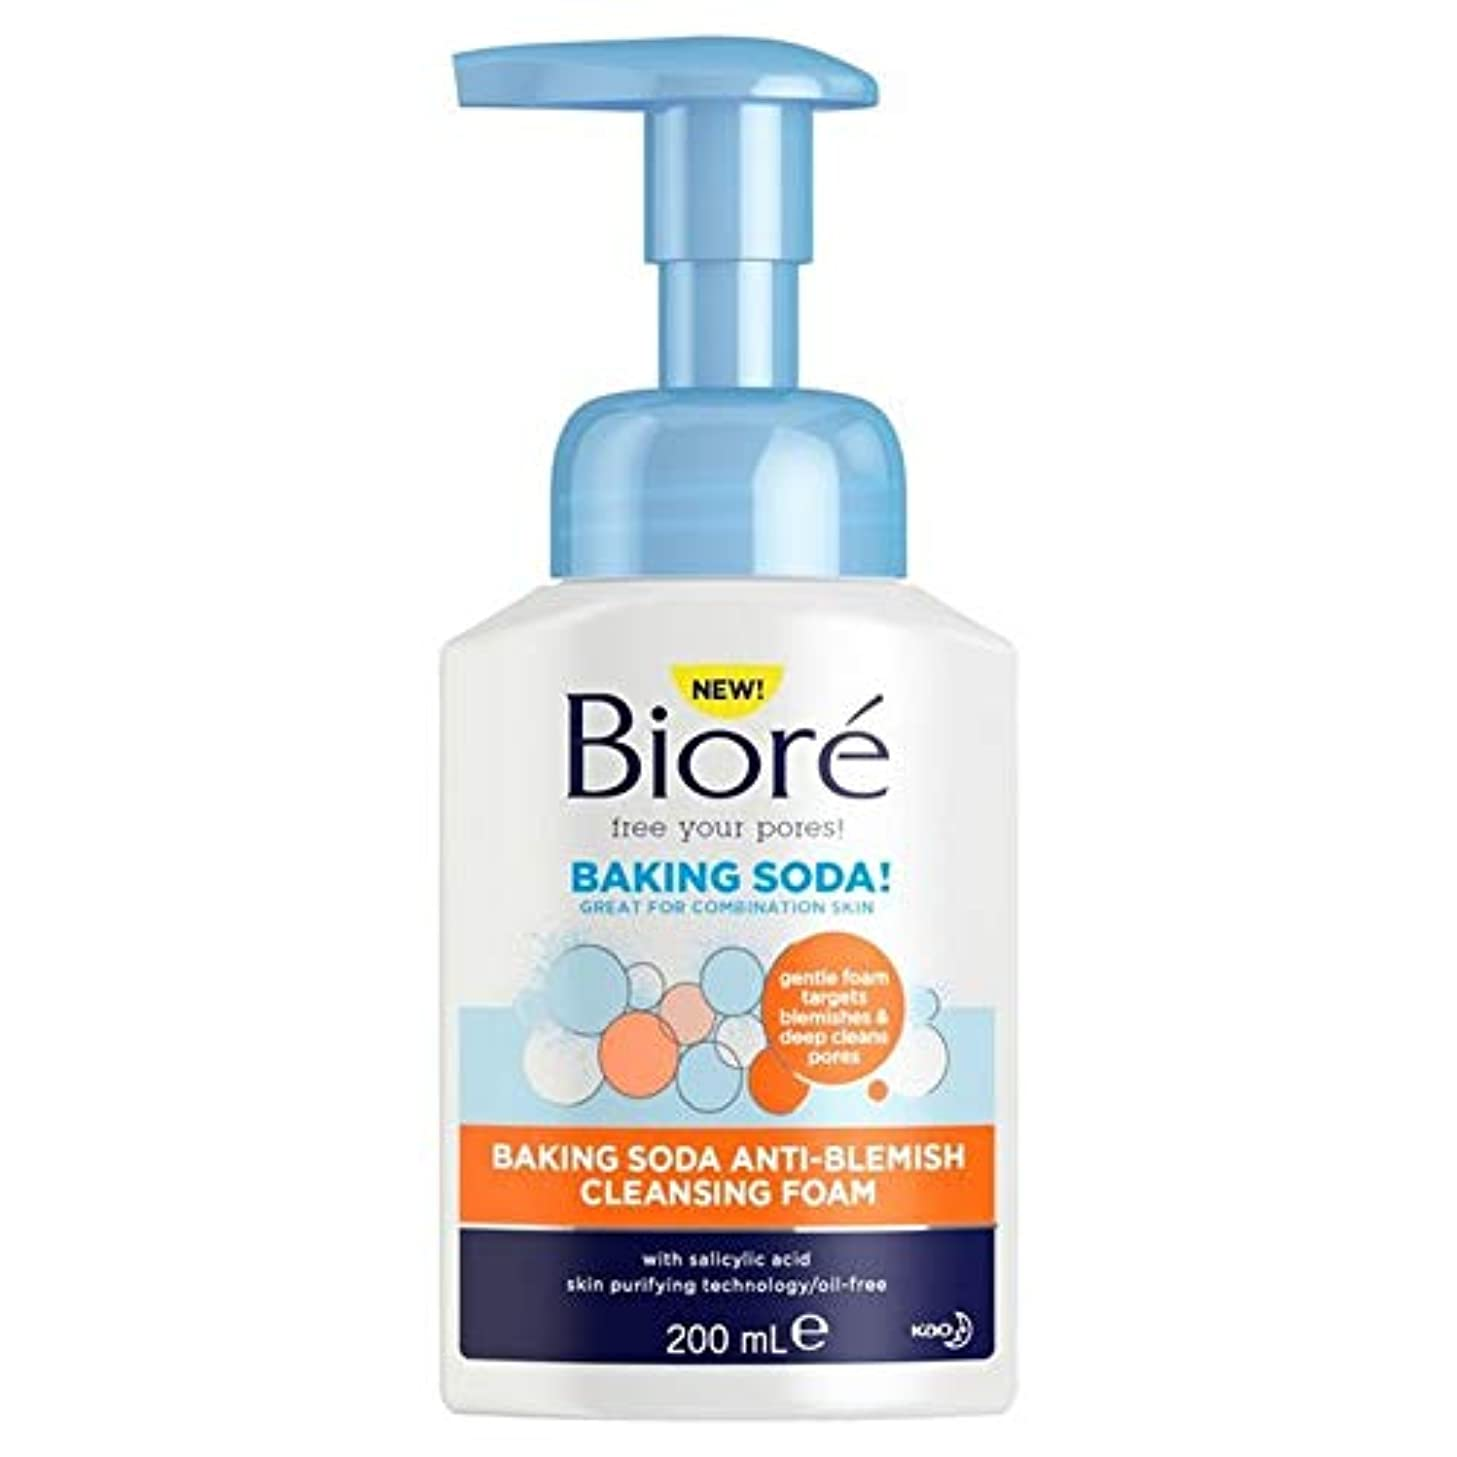 ふざけた常習的エゴイズム[Biore ] ビオレベーキングソーダ抗傷クレンジングフォーム200ミリリットル - Biore Baking Soda Anti Blemish Cleansing Foam 200ml [並行輸入品]